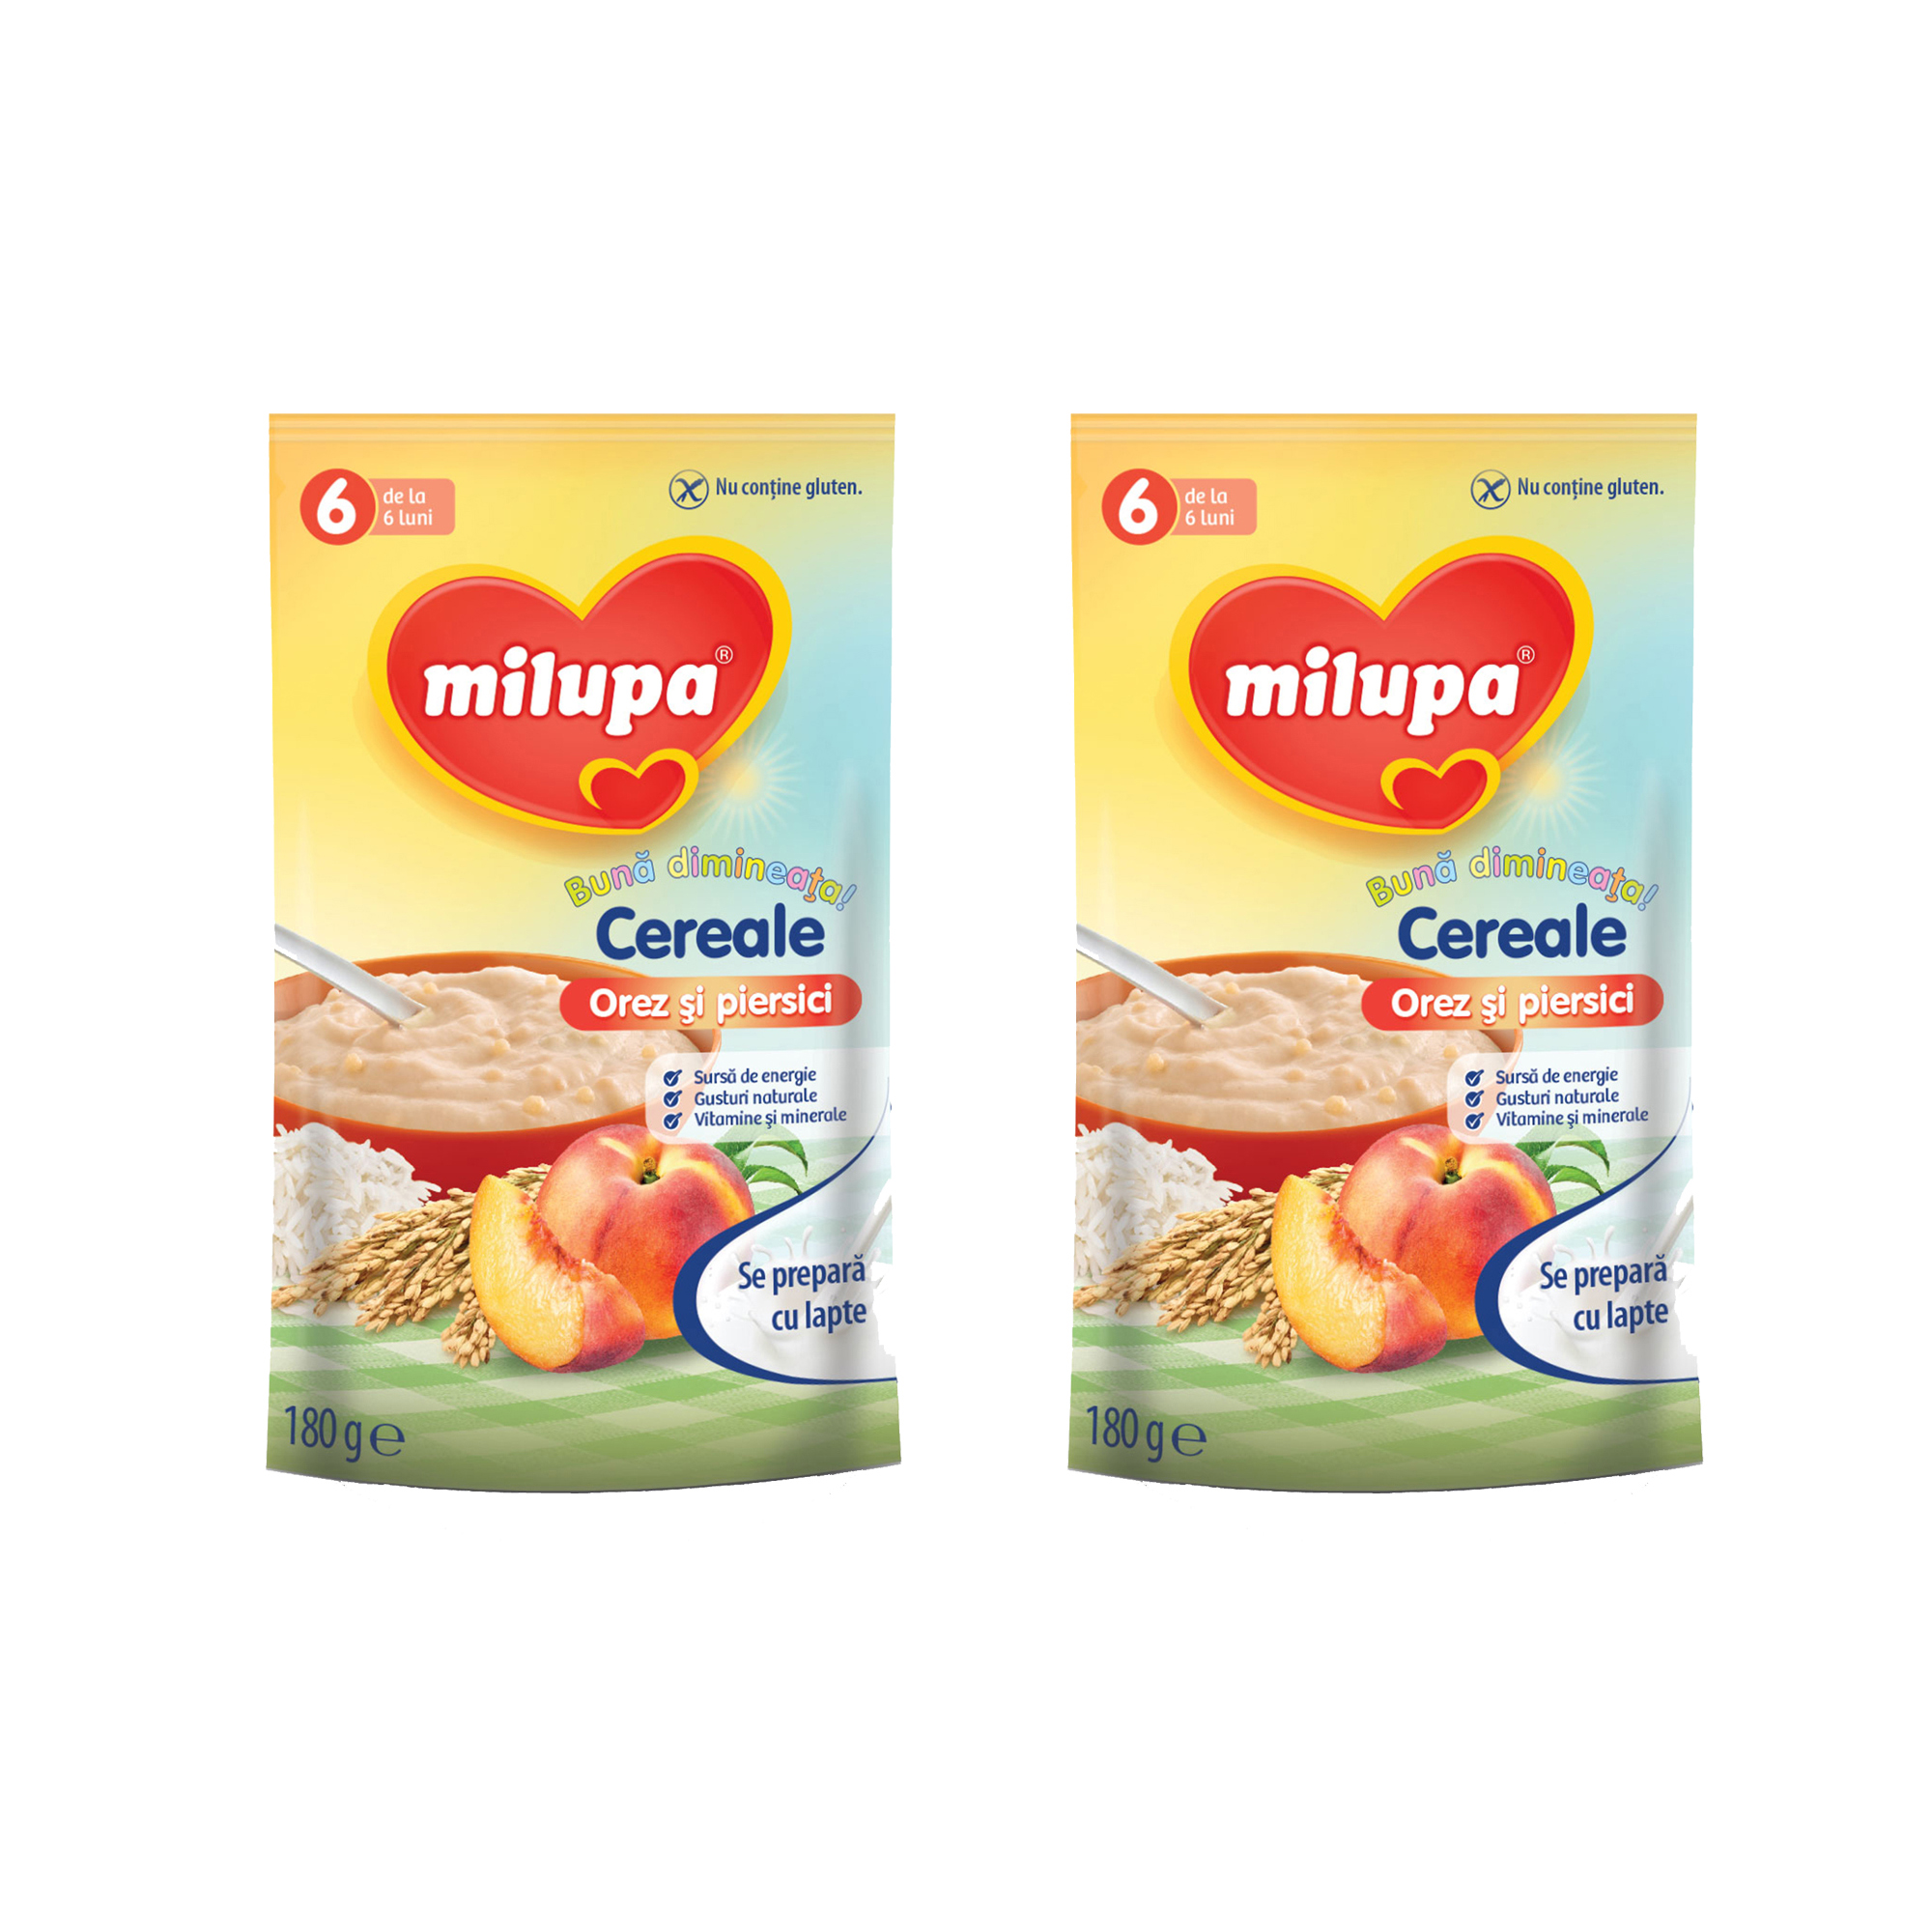 Pachet 2 x Cereale fara lapte, Milupa,Buna dimineata cereale orez si piersici, 180g, 6luni+